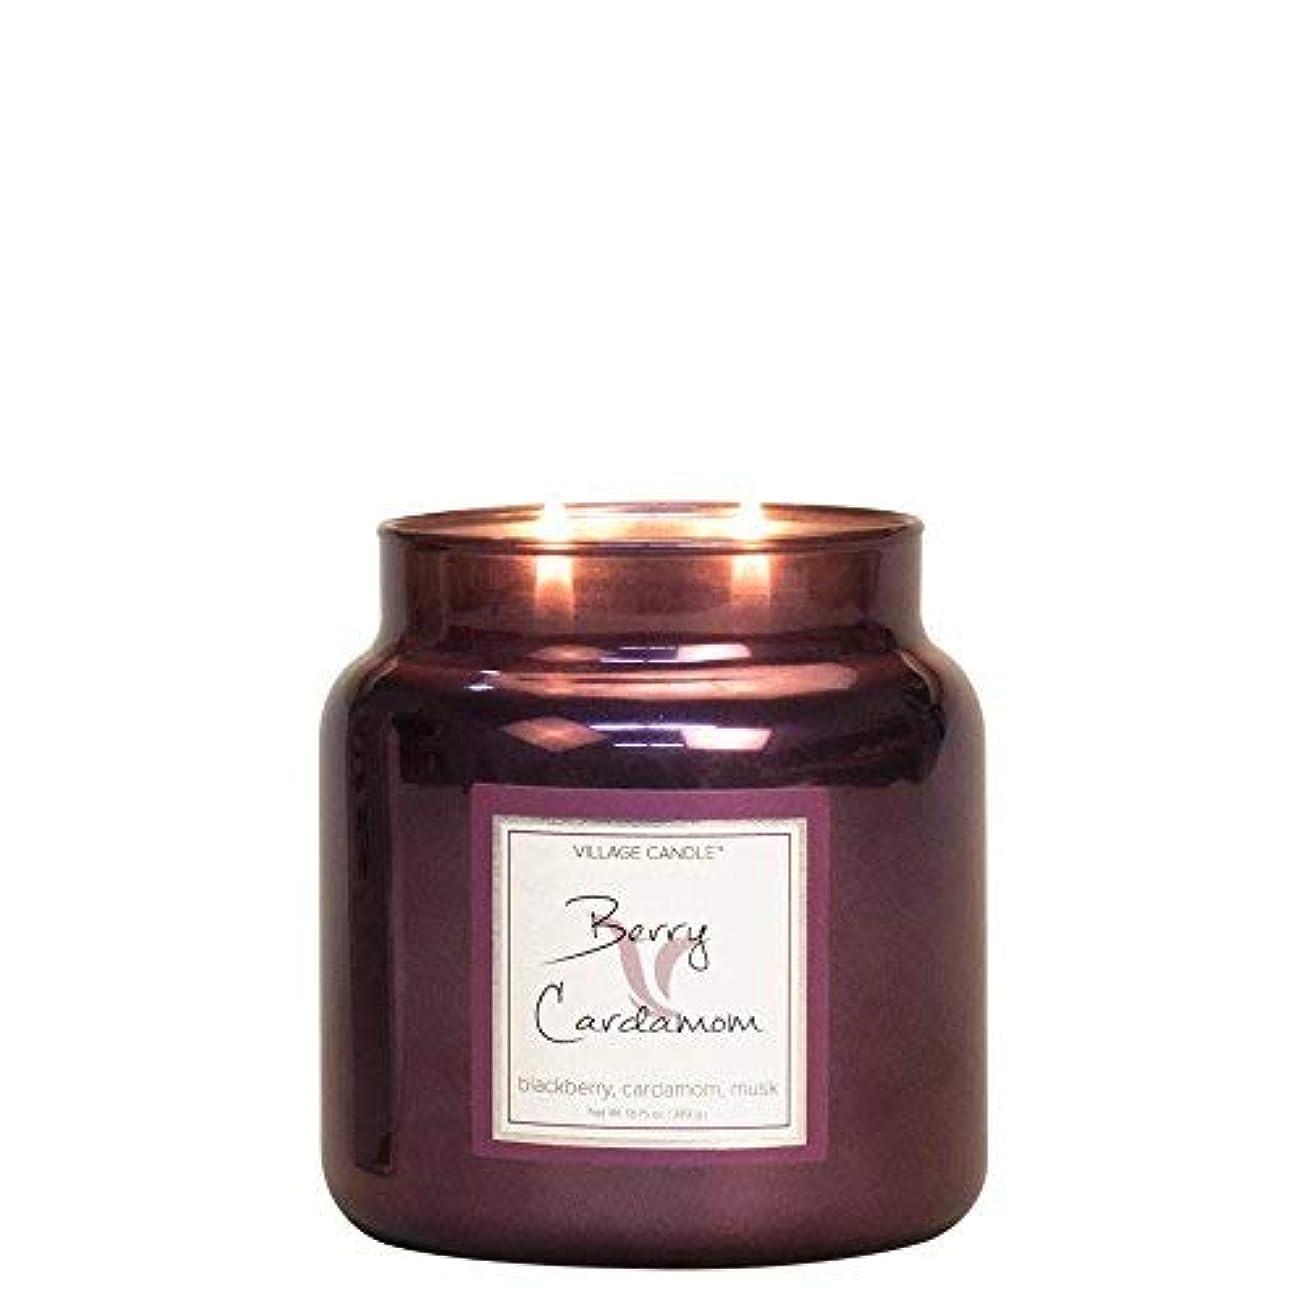 貢献区画疑問を超えてVillage Candle Berry Cardamom 16 oz Metallic Jar Scented Candle Medium [並行輸入品]